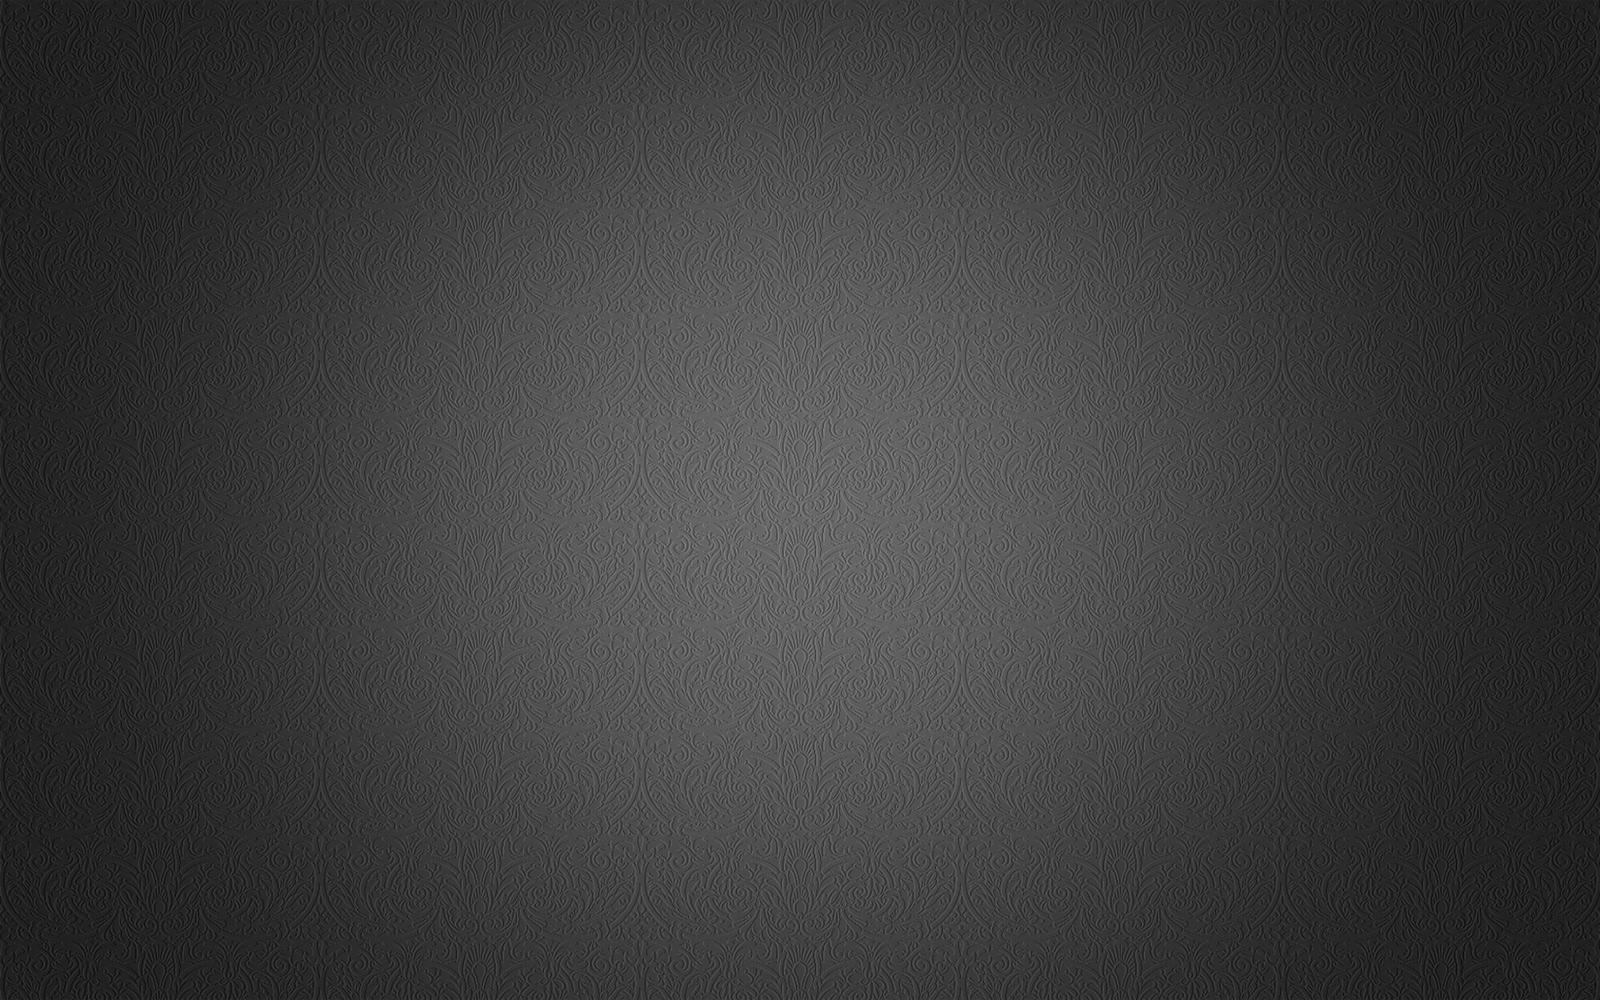 Grey HD Wallpapers - WallpaperSafari